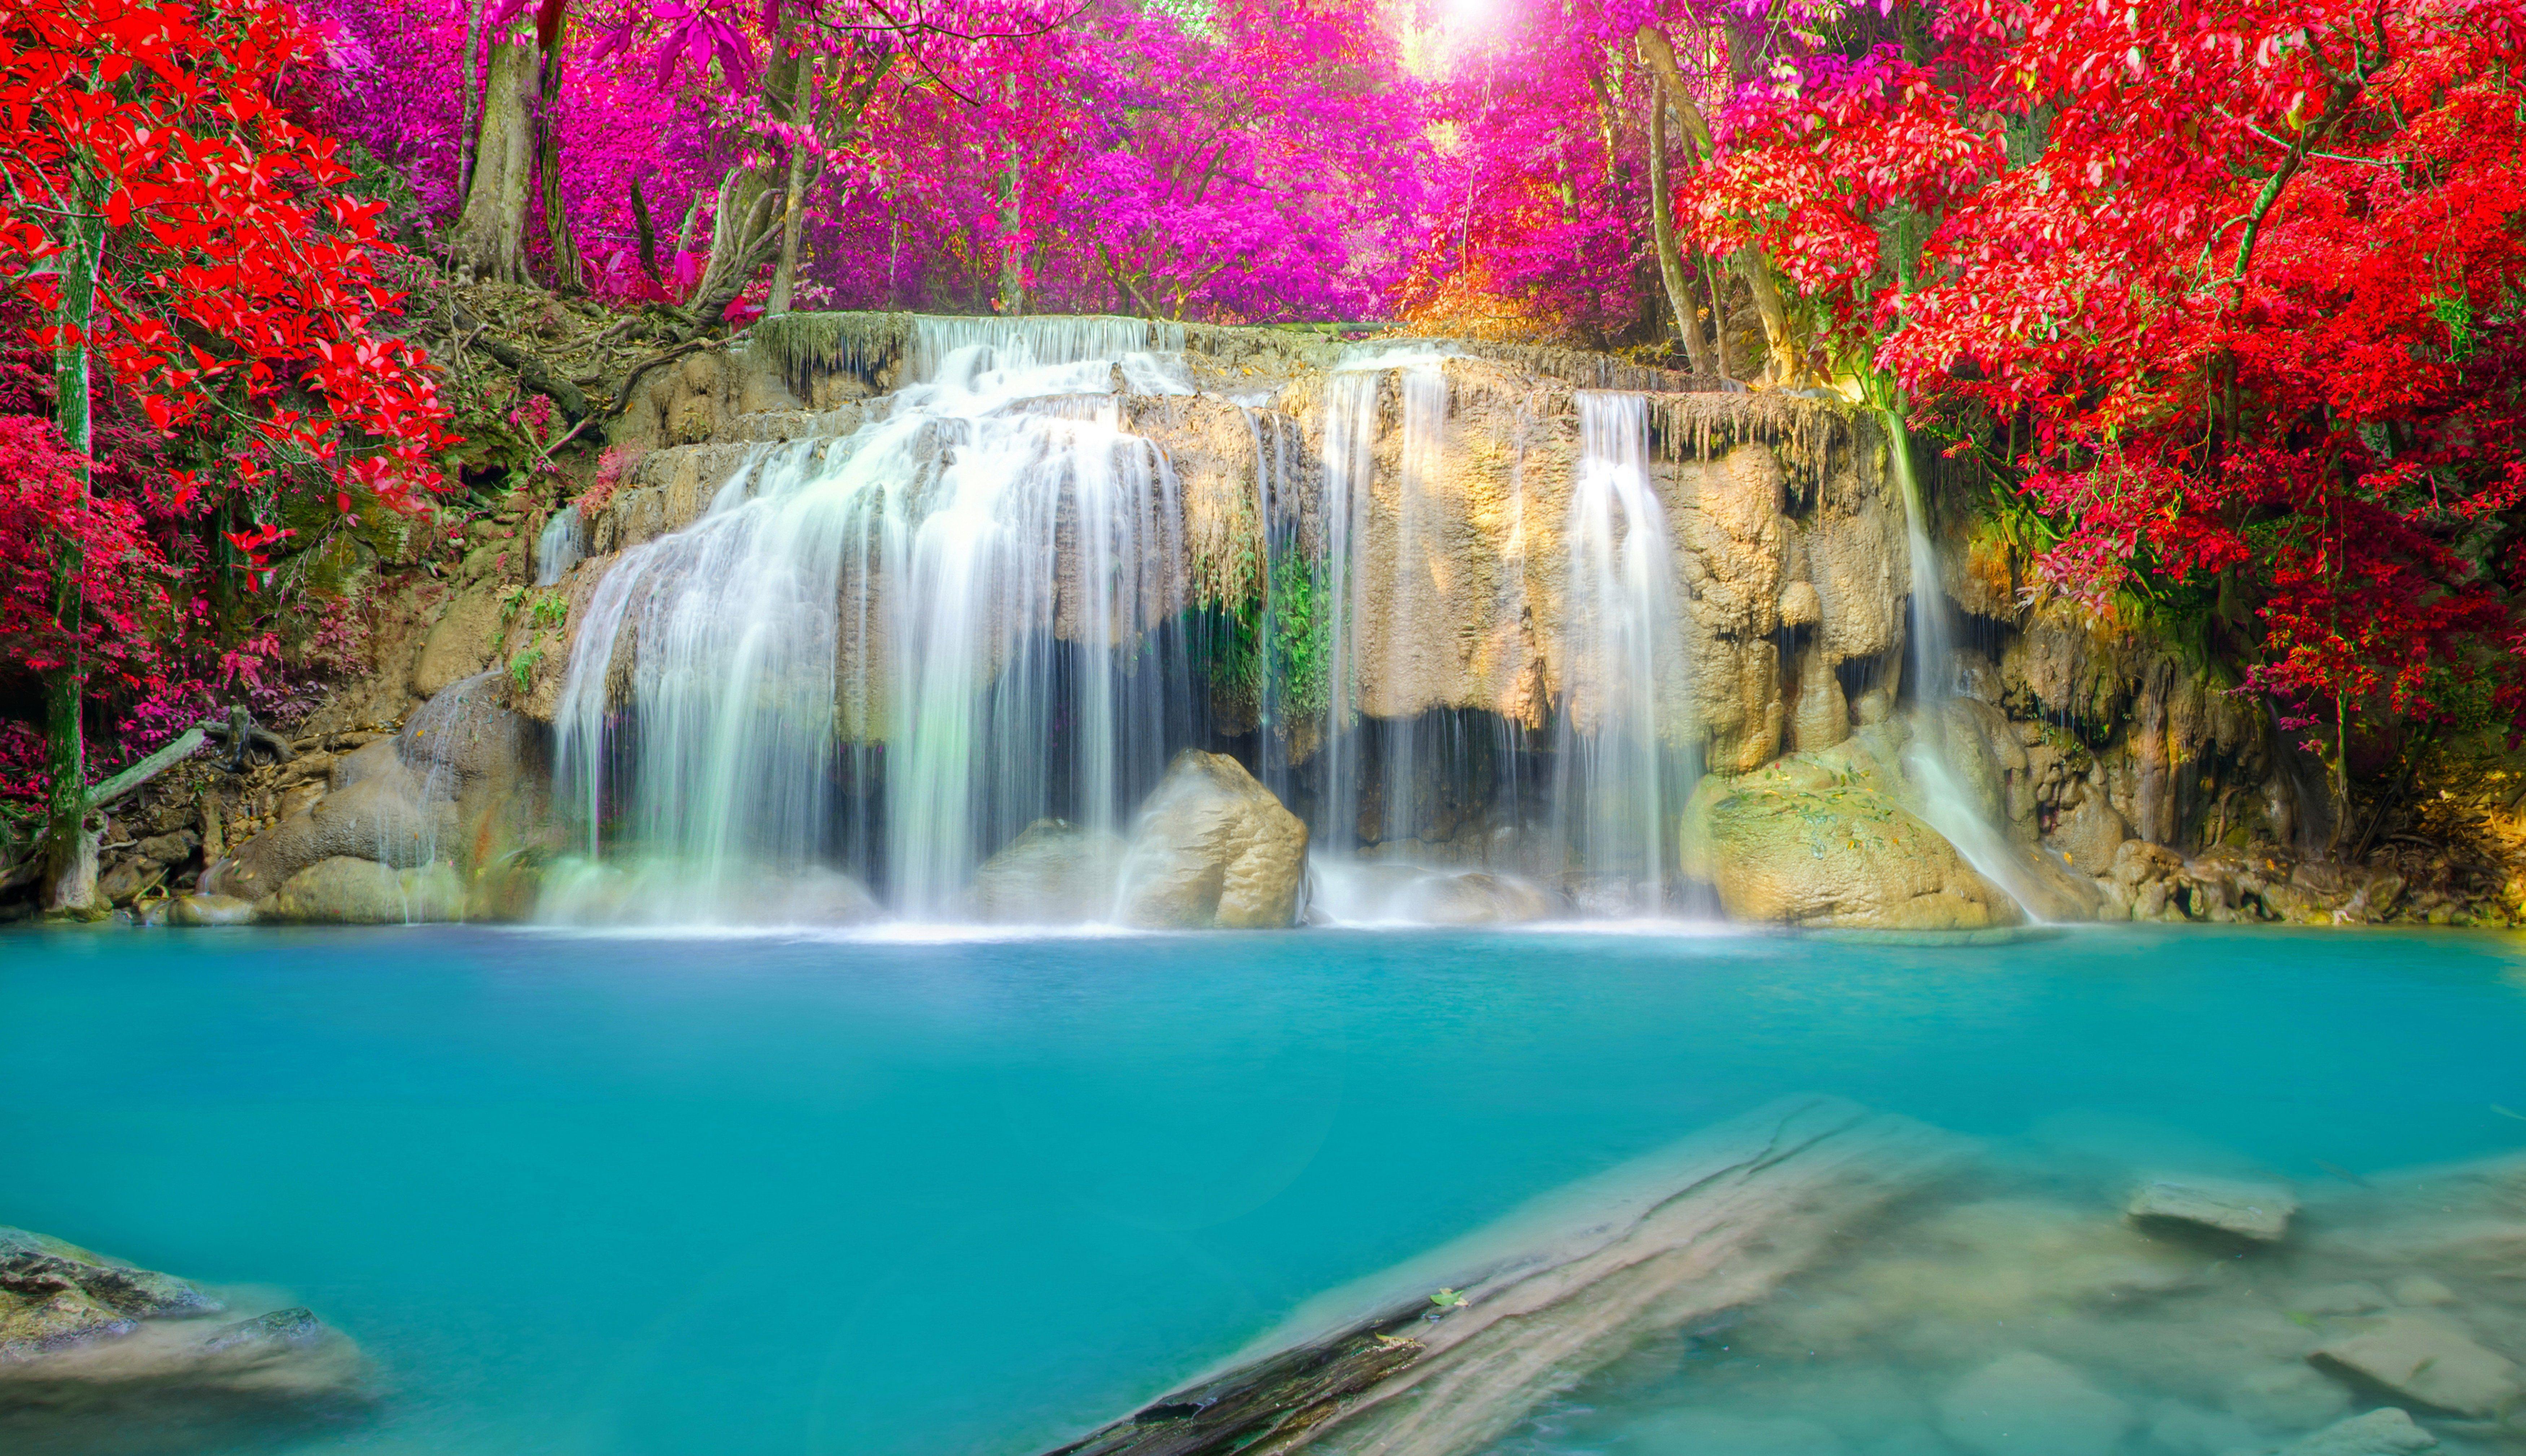 Waterfalls Desktop Waterfall Wallpaper Waterfall Scenery Landscape Wallpaper